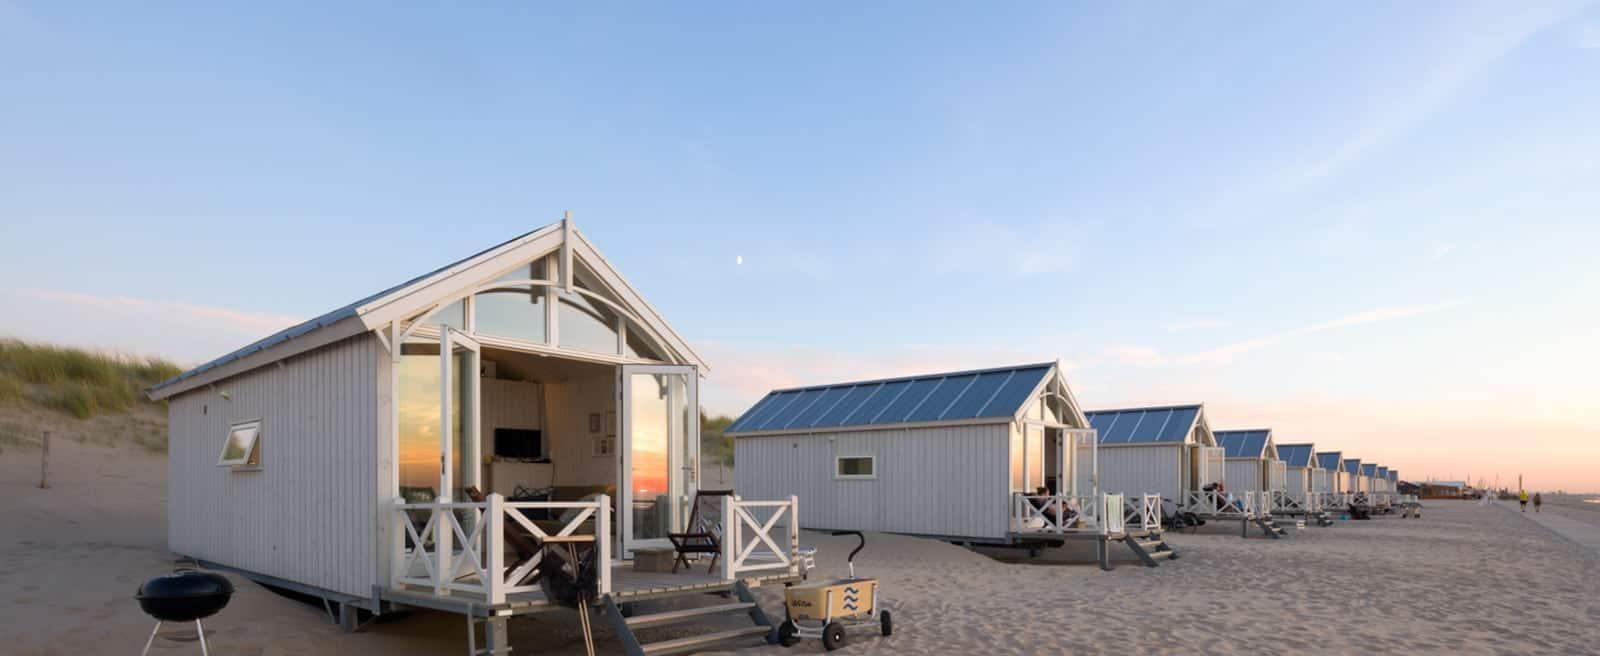 roompot largo beach houses den haag